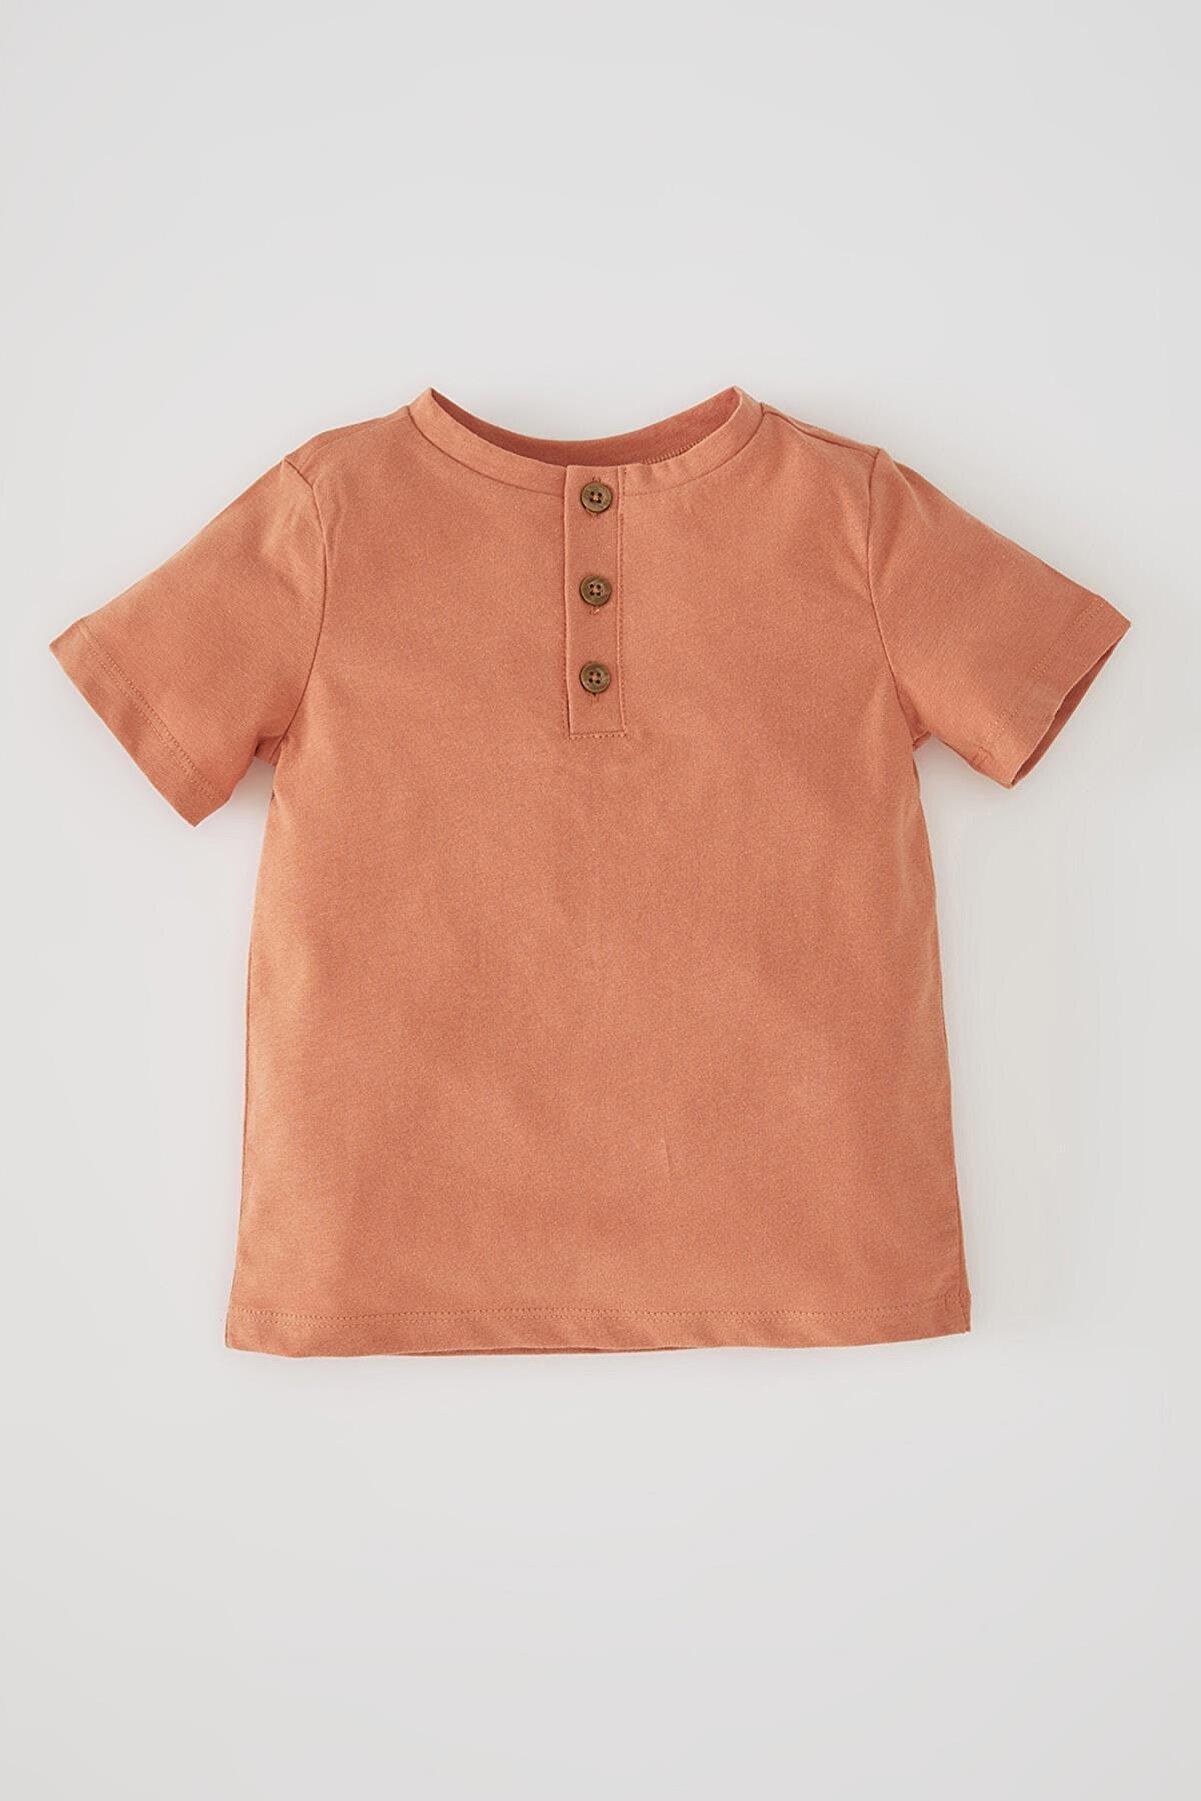 Defacto Unisex Kısa Kollu Pamuklu Tişört